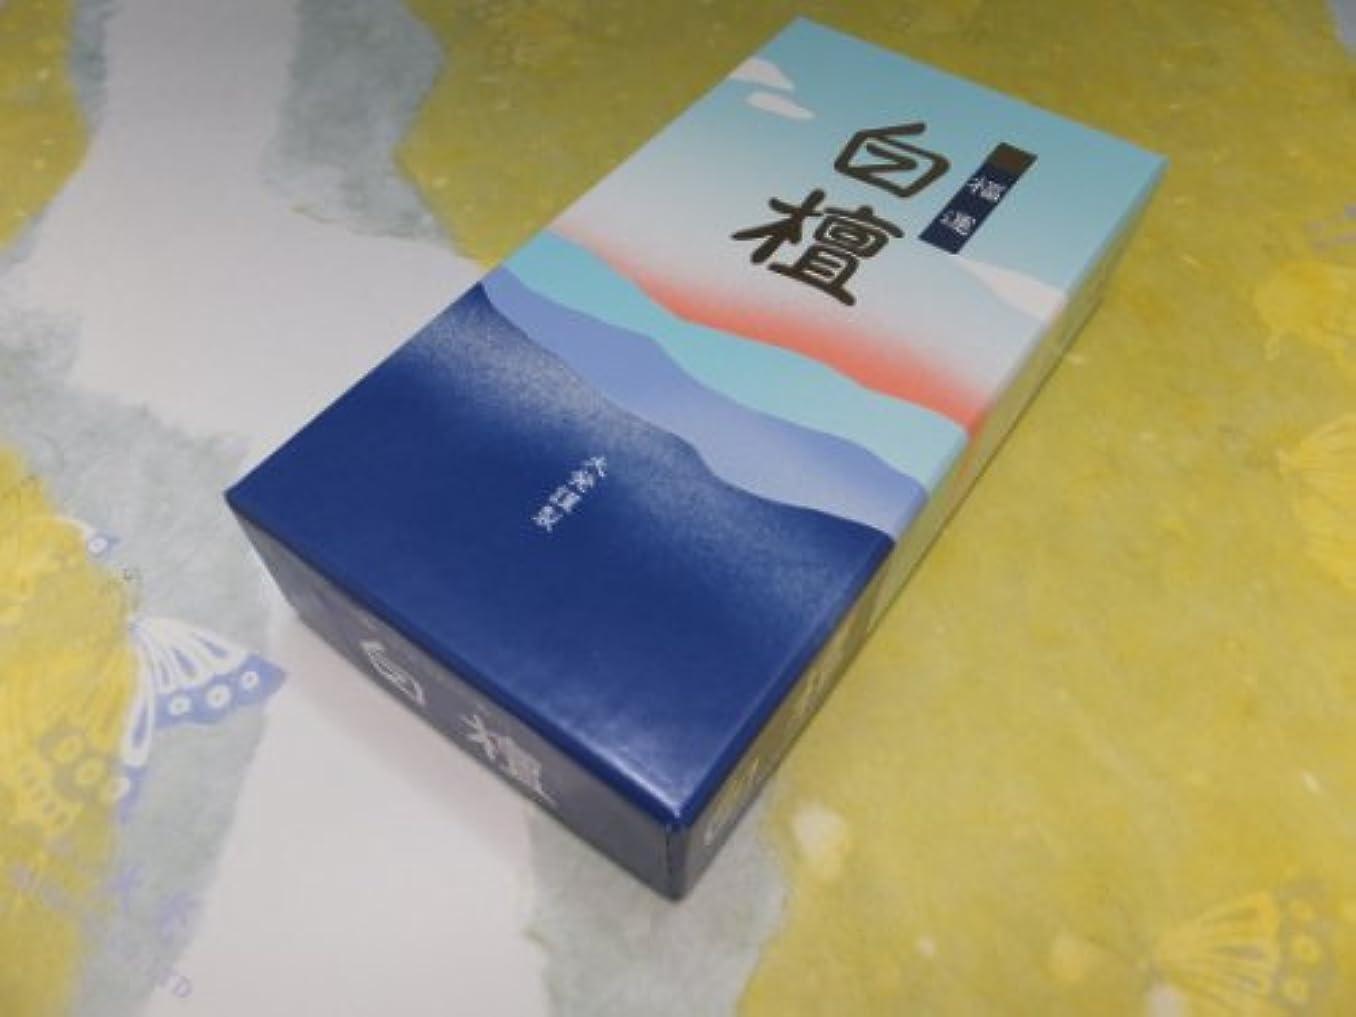 端末タウポ湖副産物淡路島の「大発」のお線香 福運 白檀 (日本のお線香の70%を生産する淡路島)